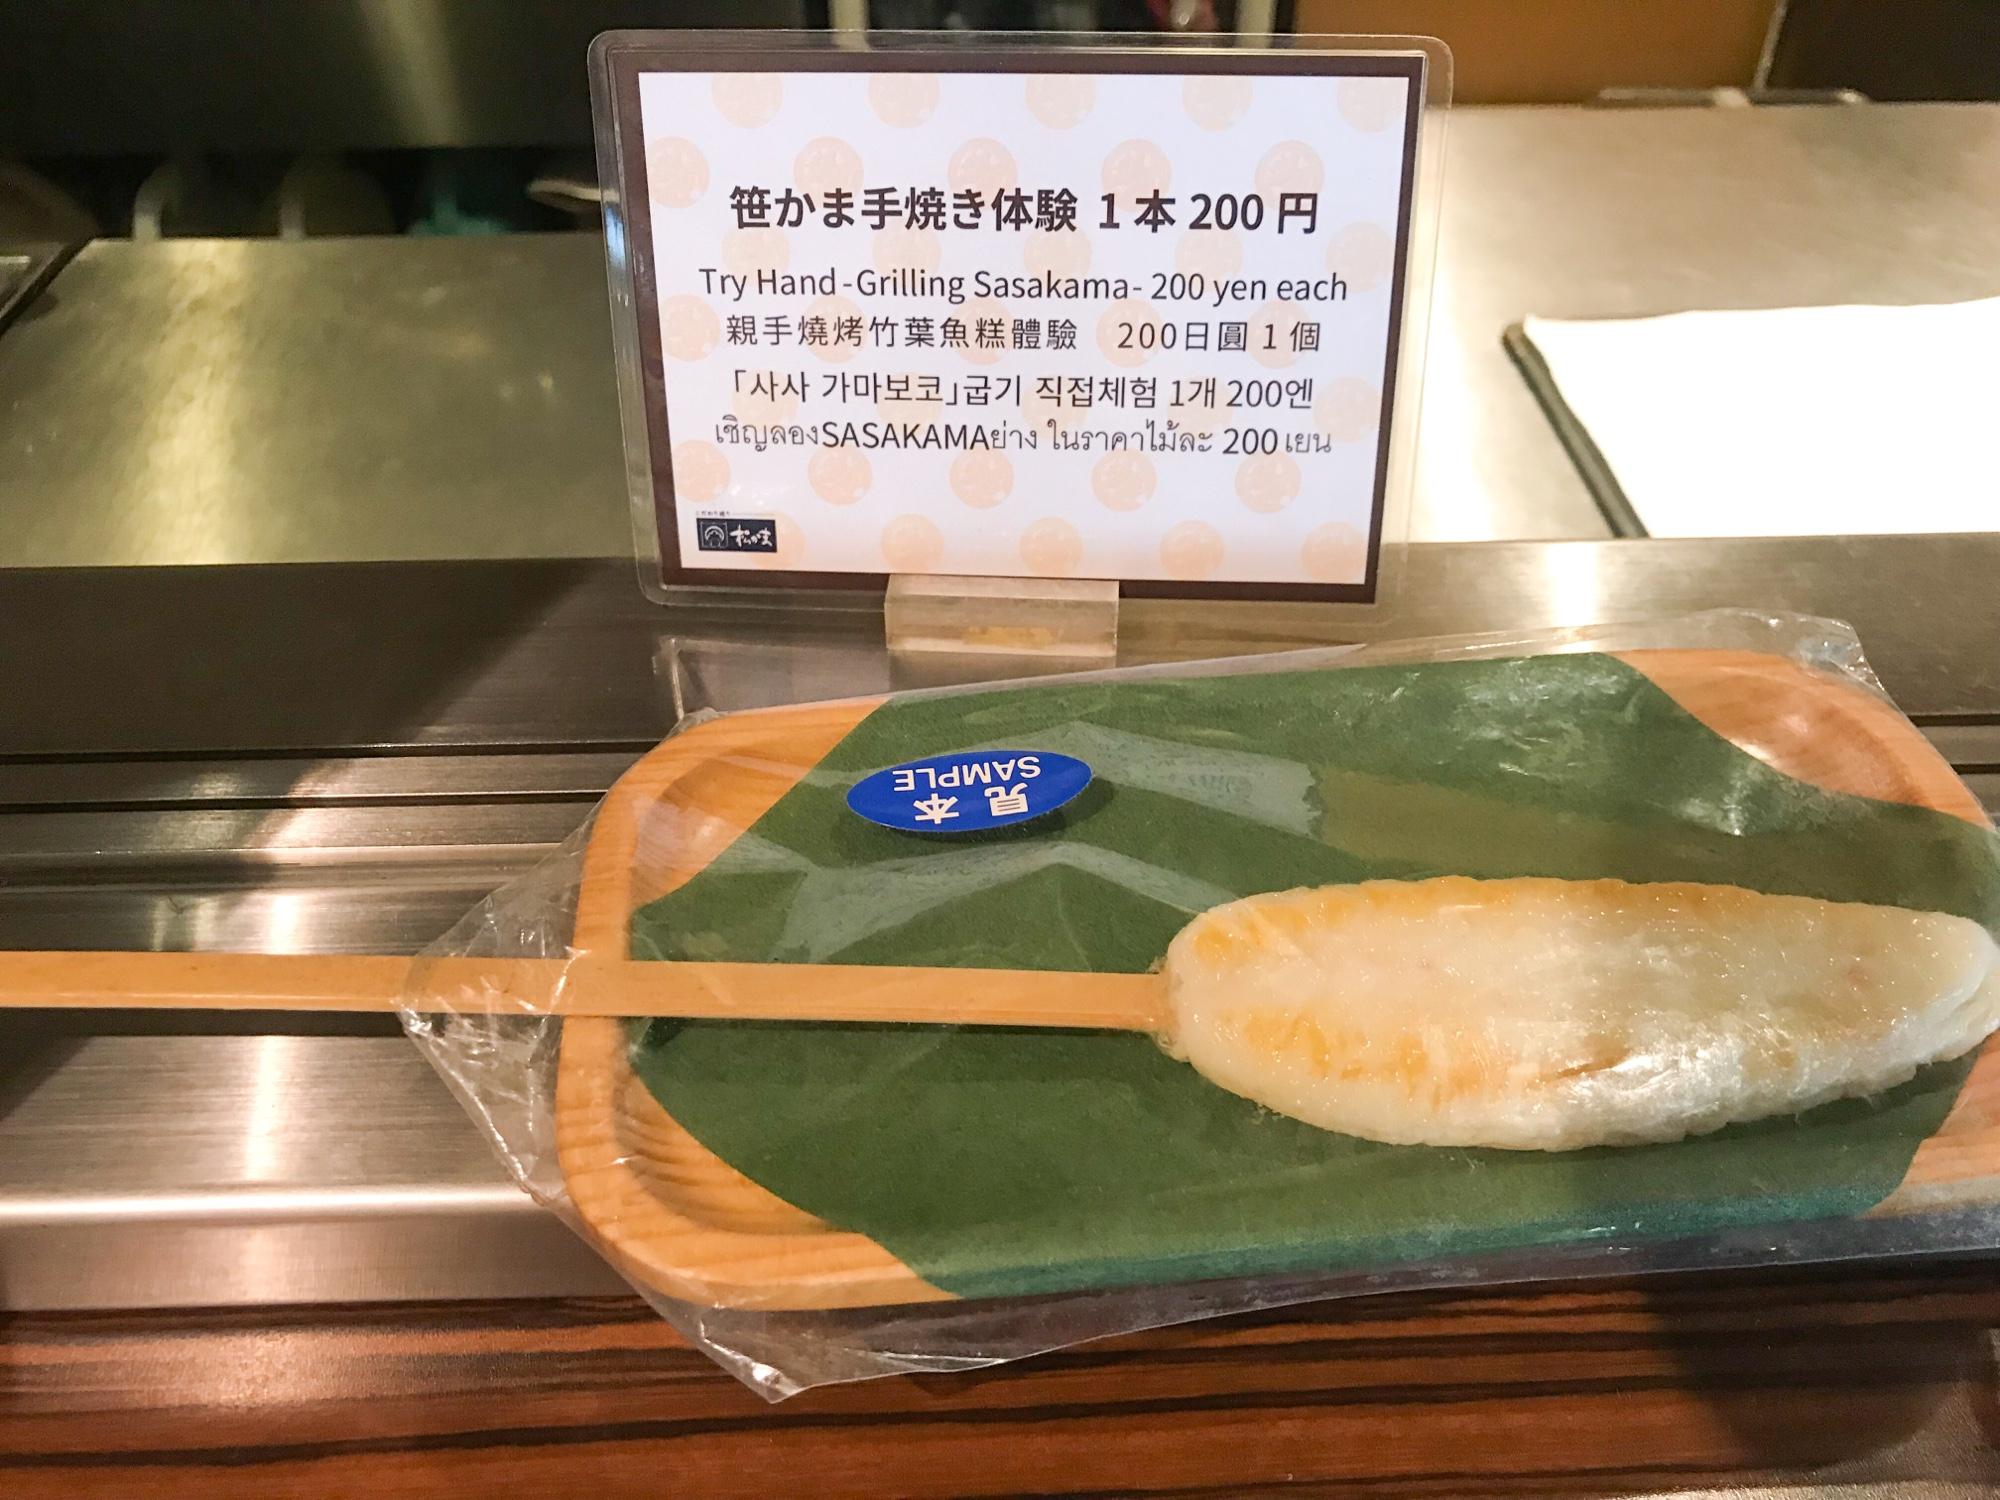 笹かま手焼き体験料金 松かま総本店